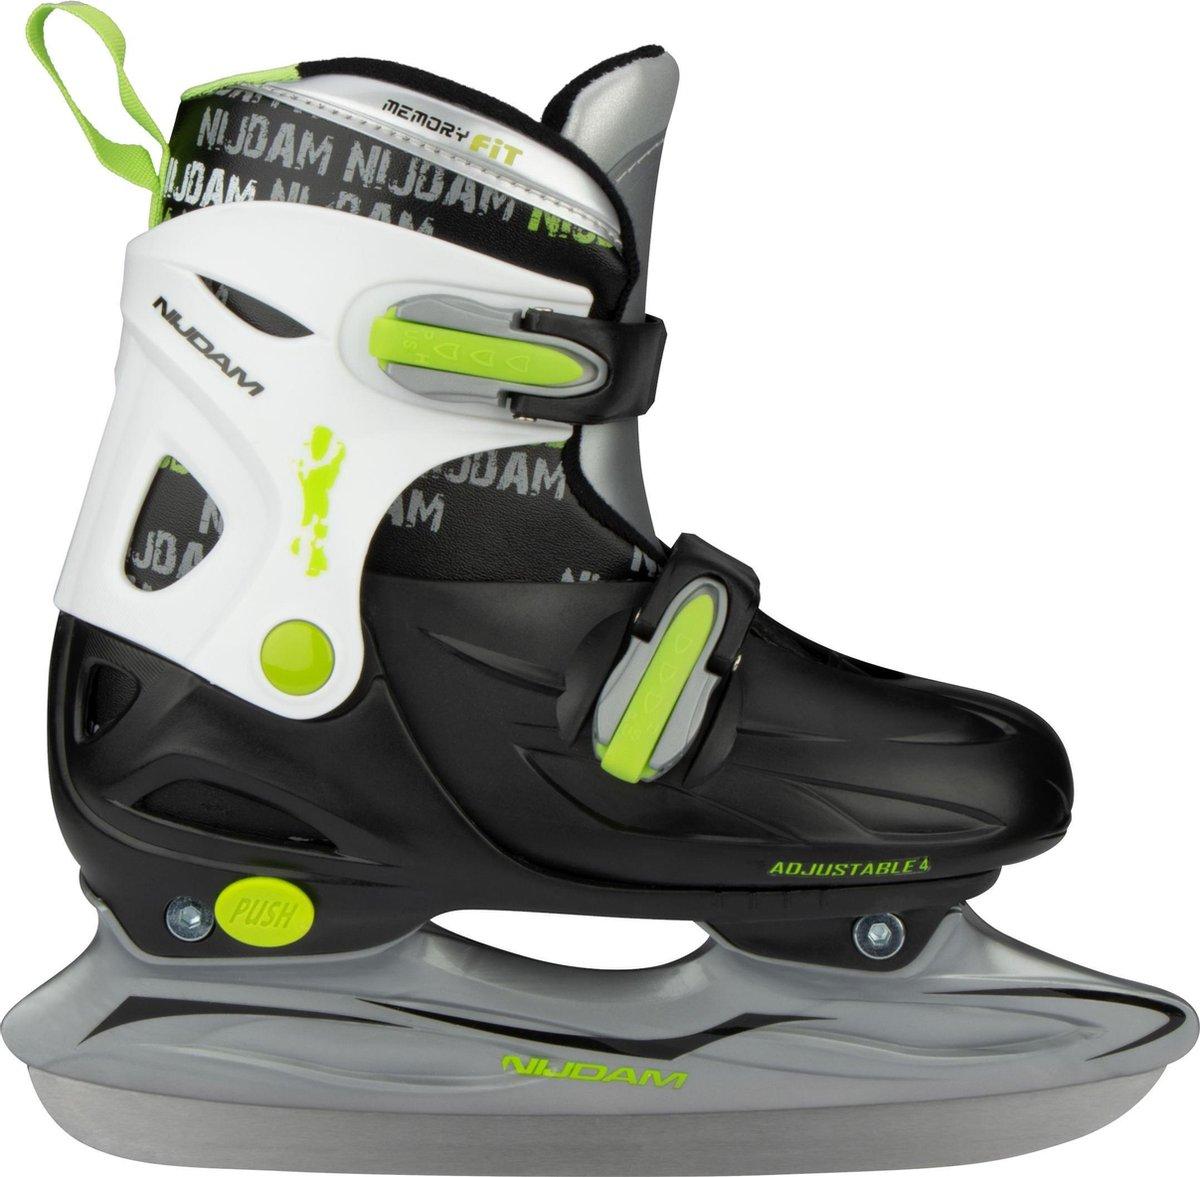 Nijdam Junior IJshockeyschaats - Verstelbaar - Hardboot - Zwart/Wit/Groen - Maat 34-37